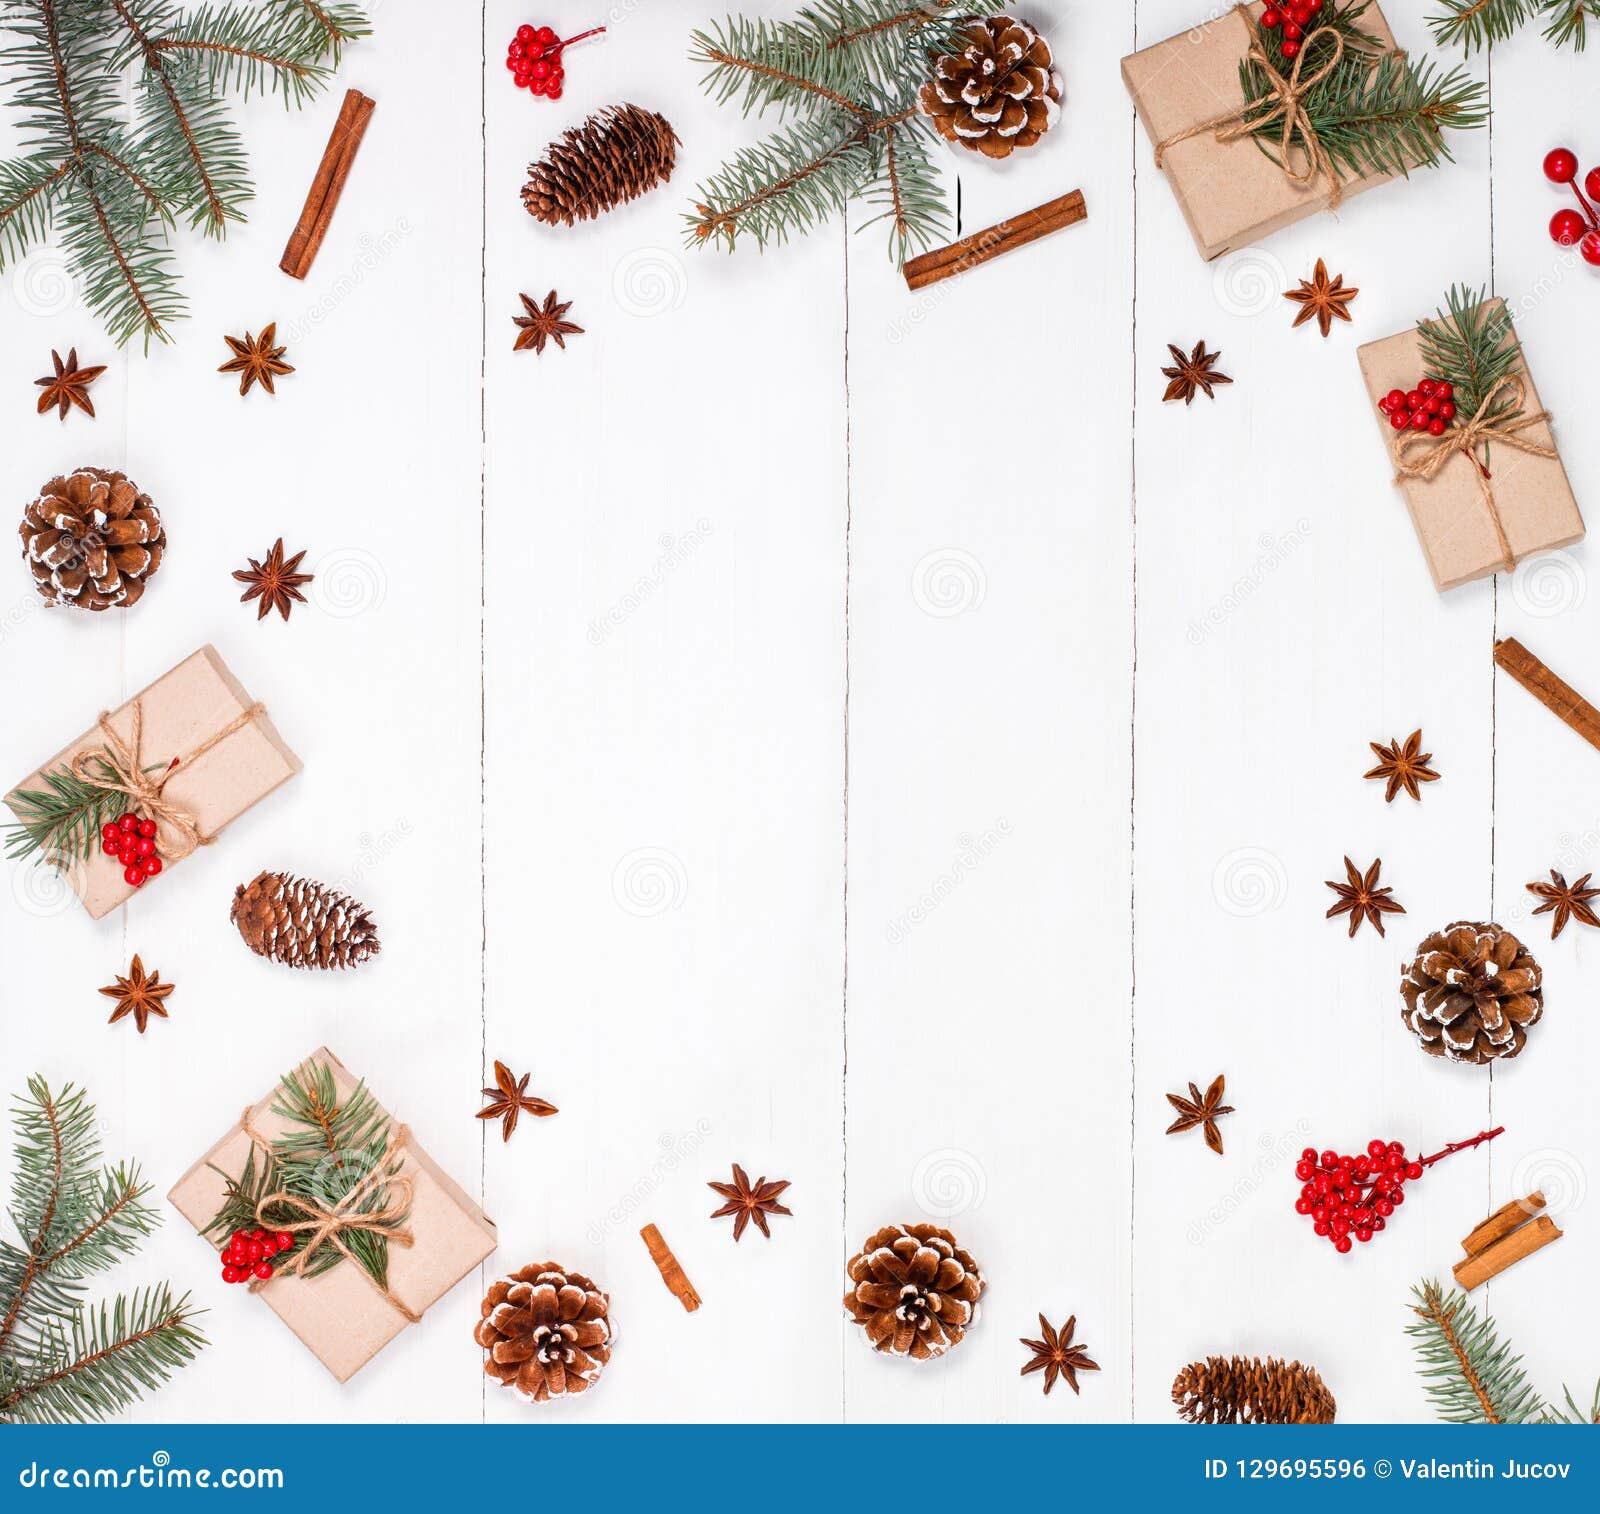 Il fondo di Natale con il regalo di Natale, abete si ramifica, pigne, i fiocchi di neve, decorazioni rosse